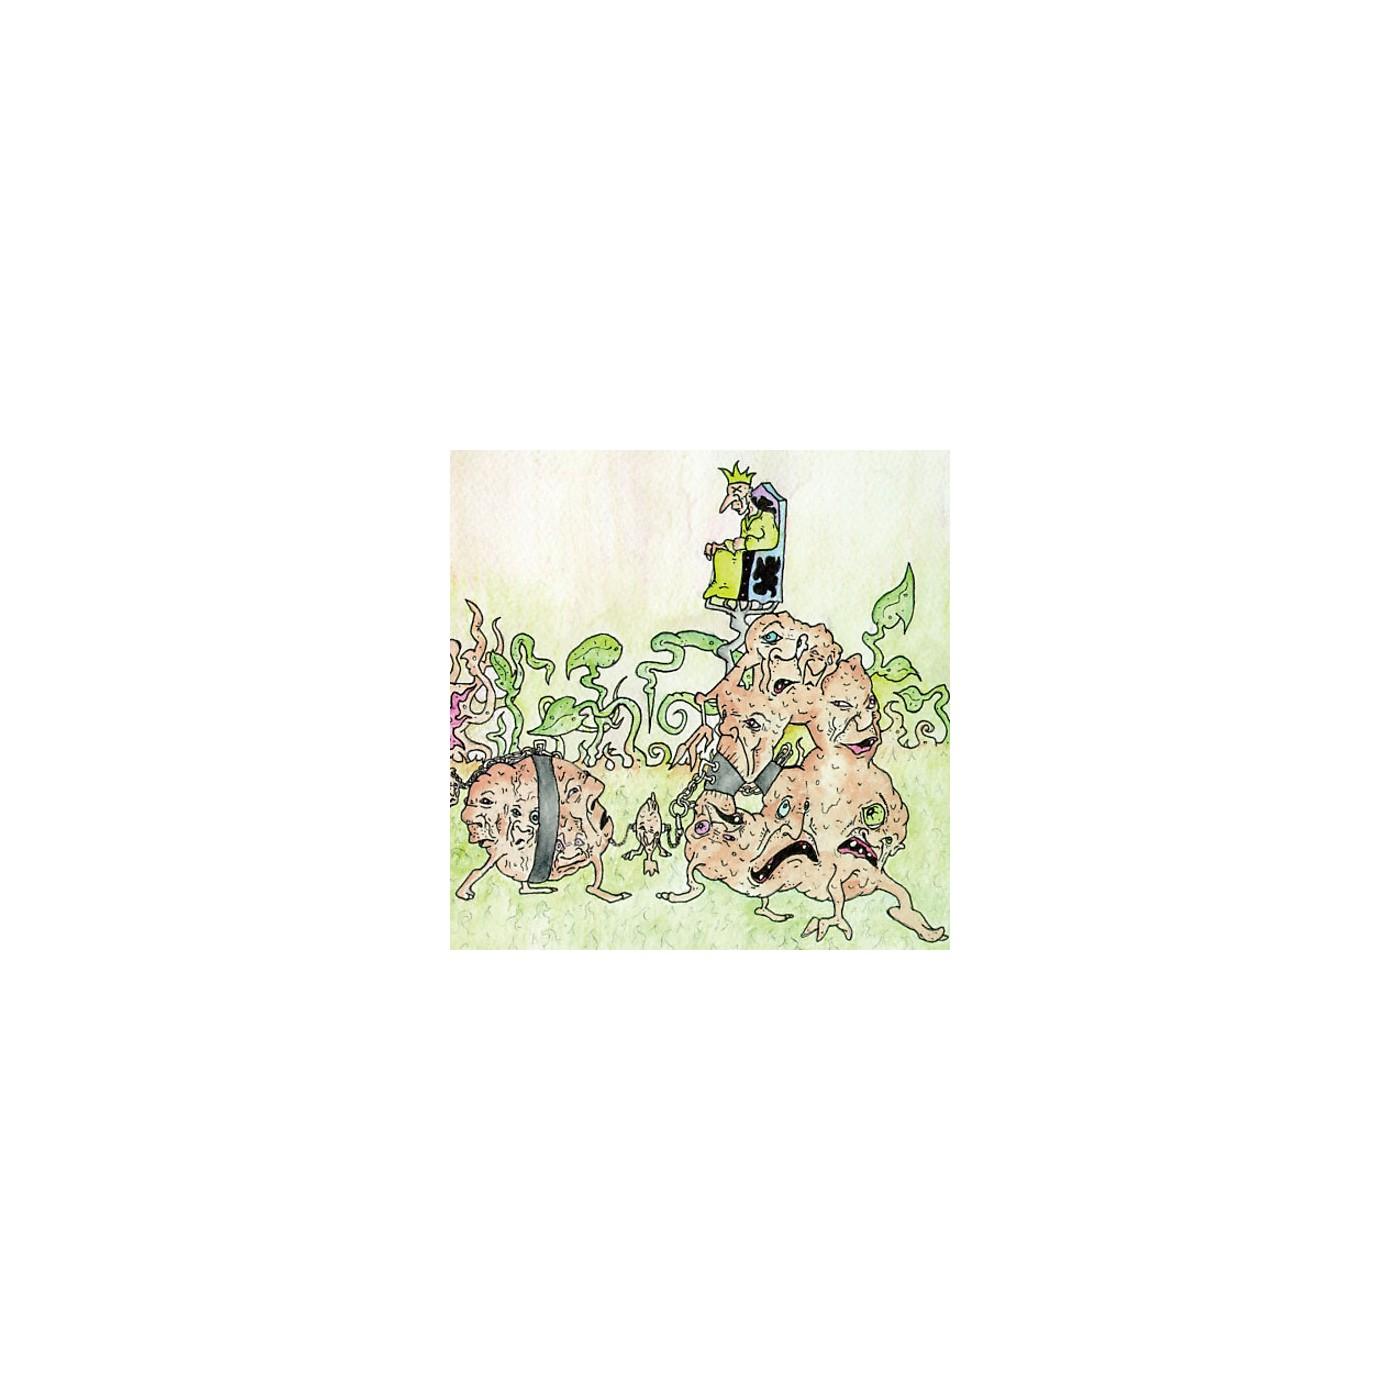 Alliance Quasimoto - Come on Feet B/W Boom Music & MHB thumbnail